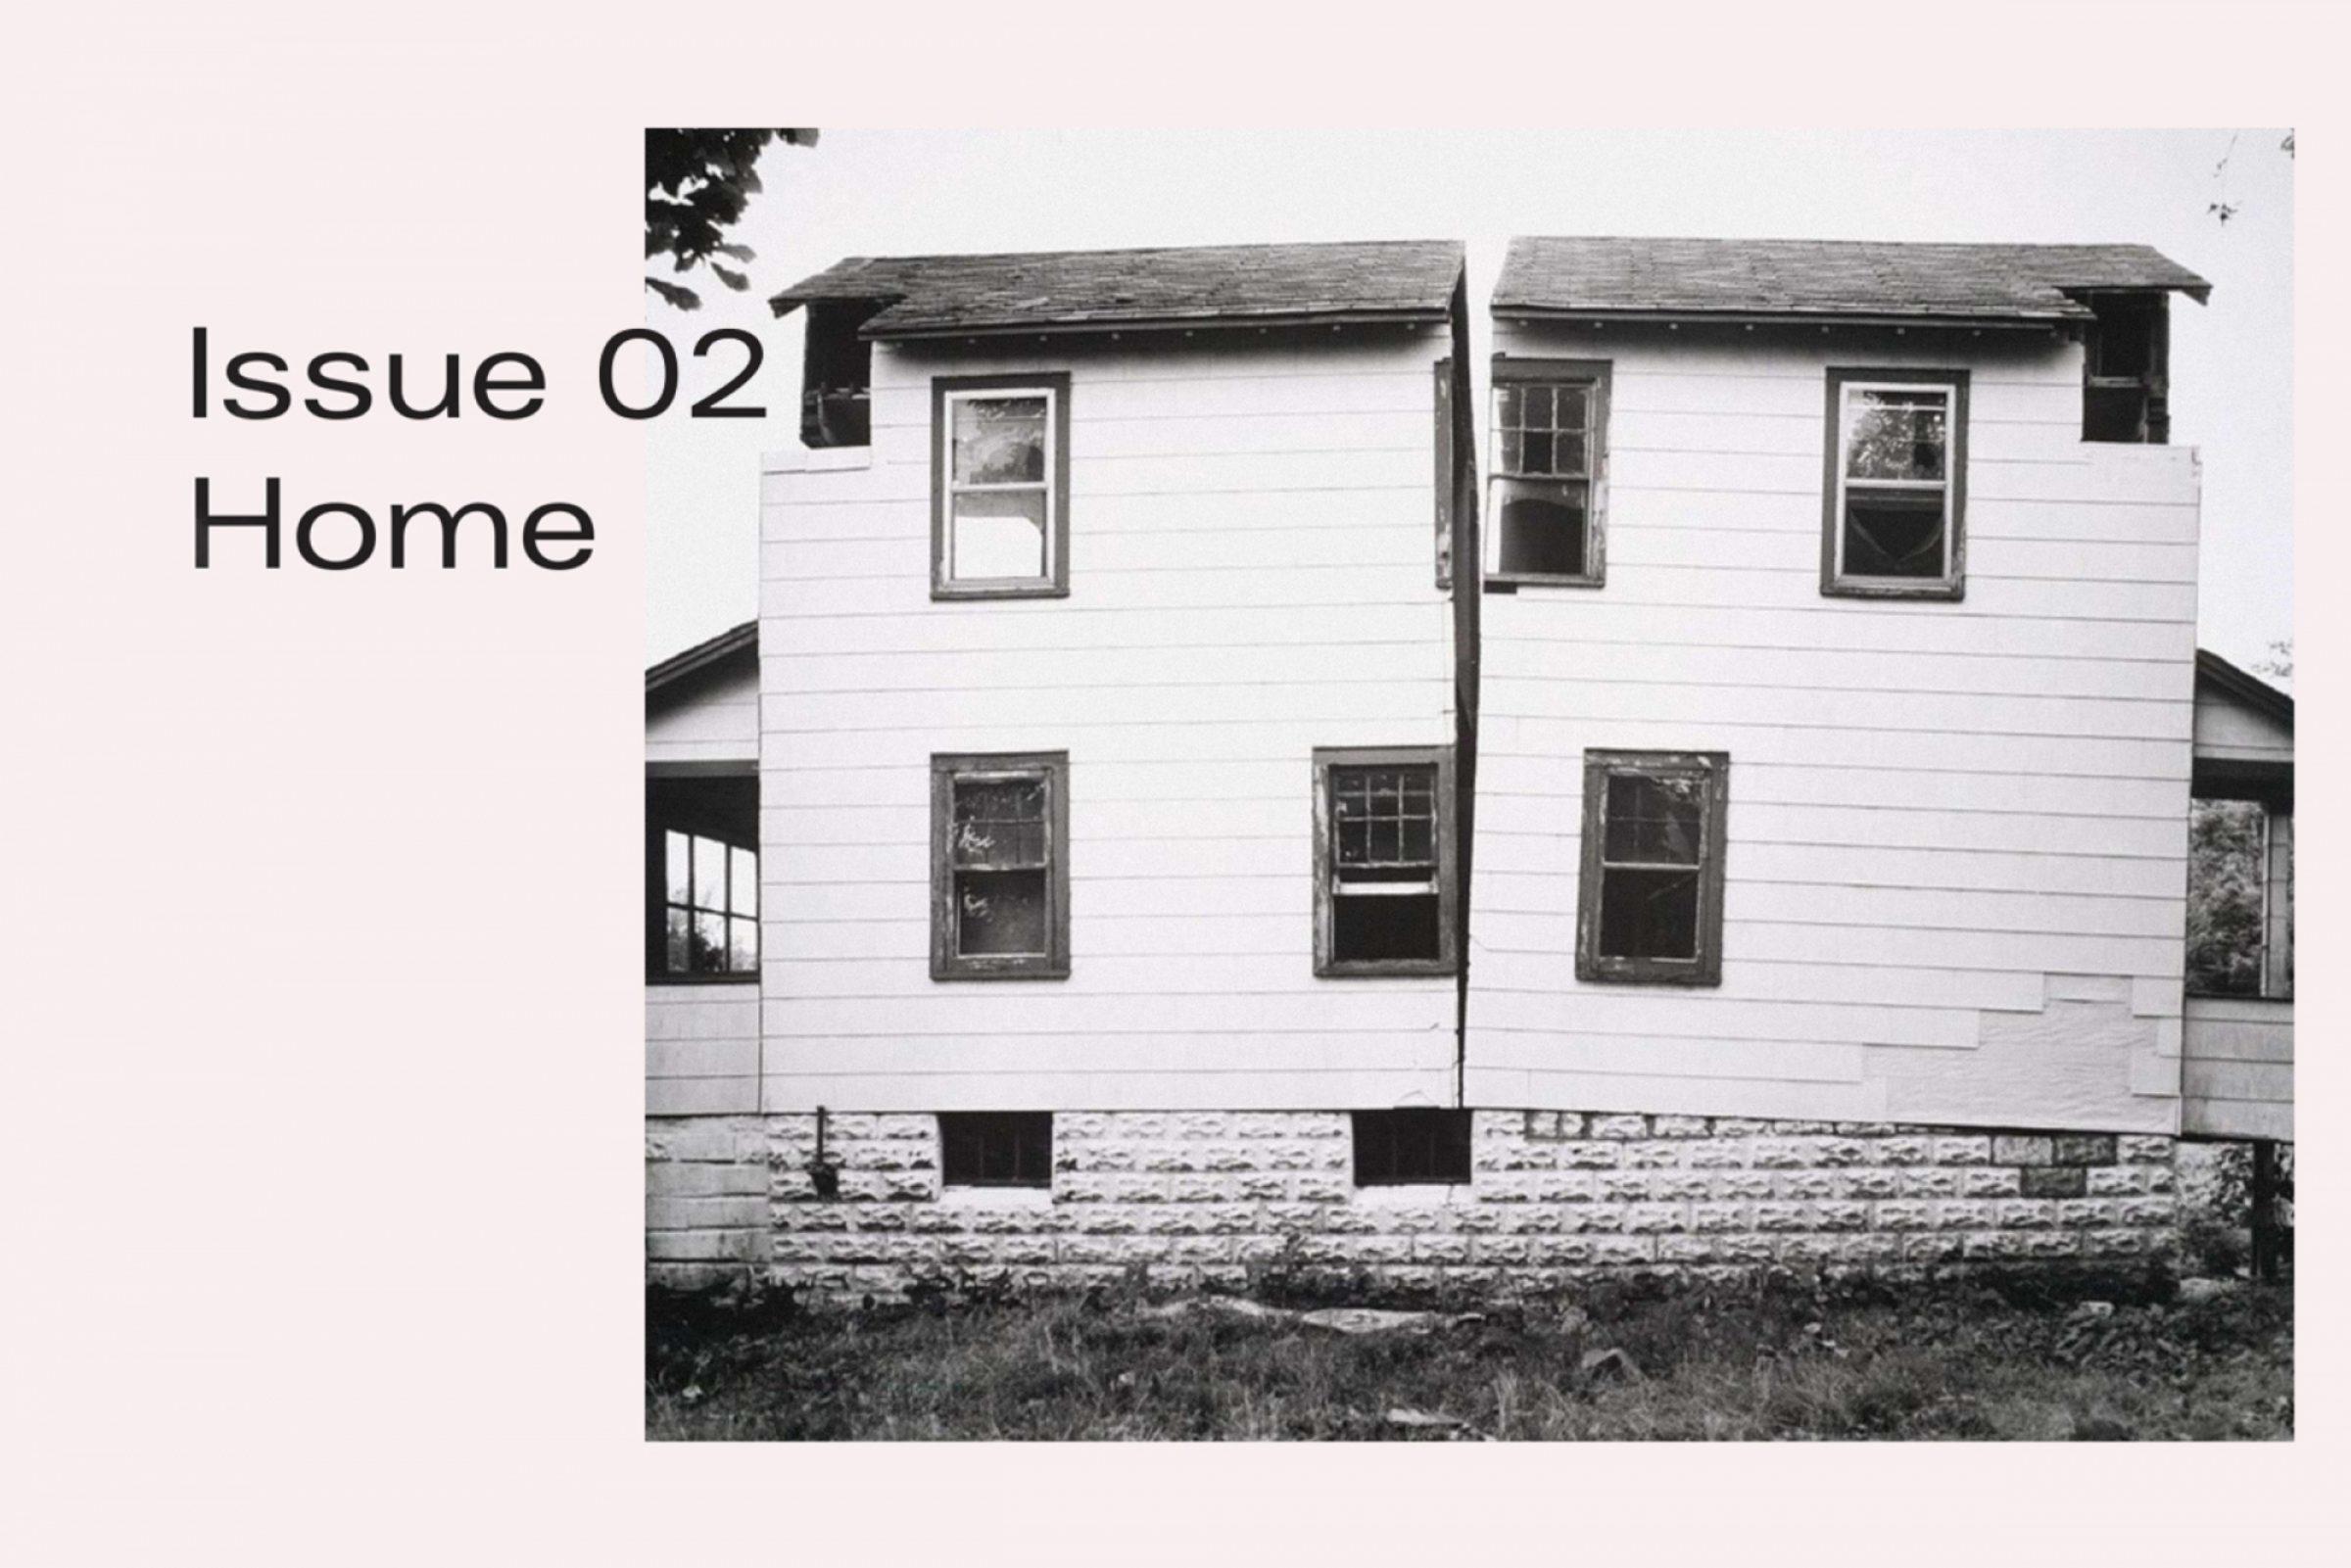 00 Zine 02